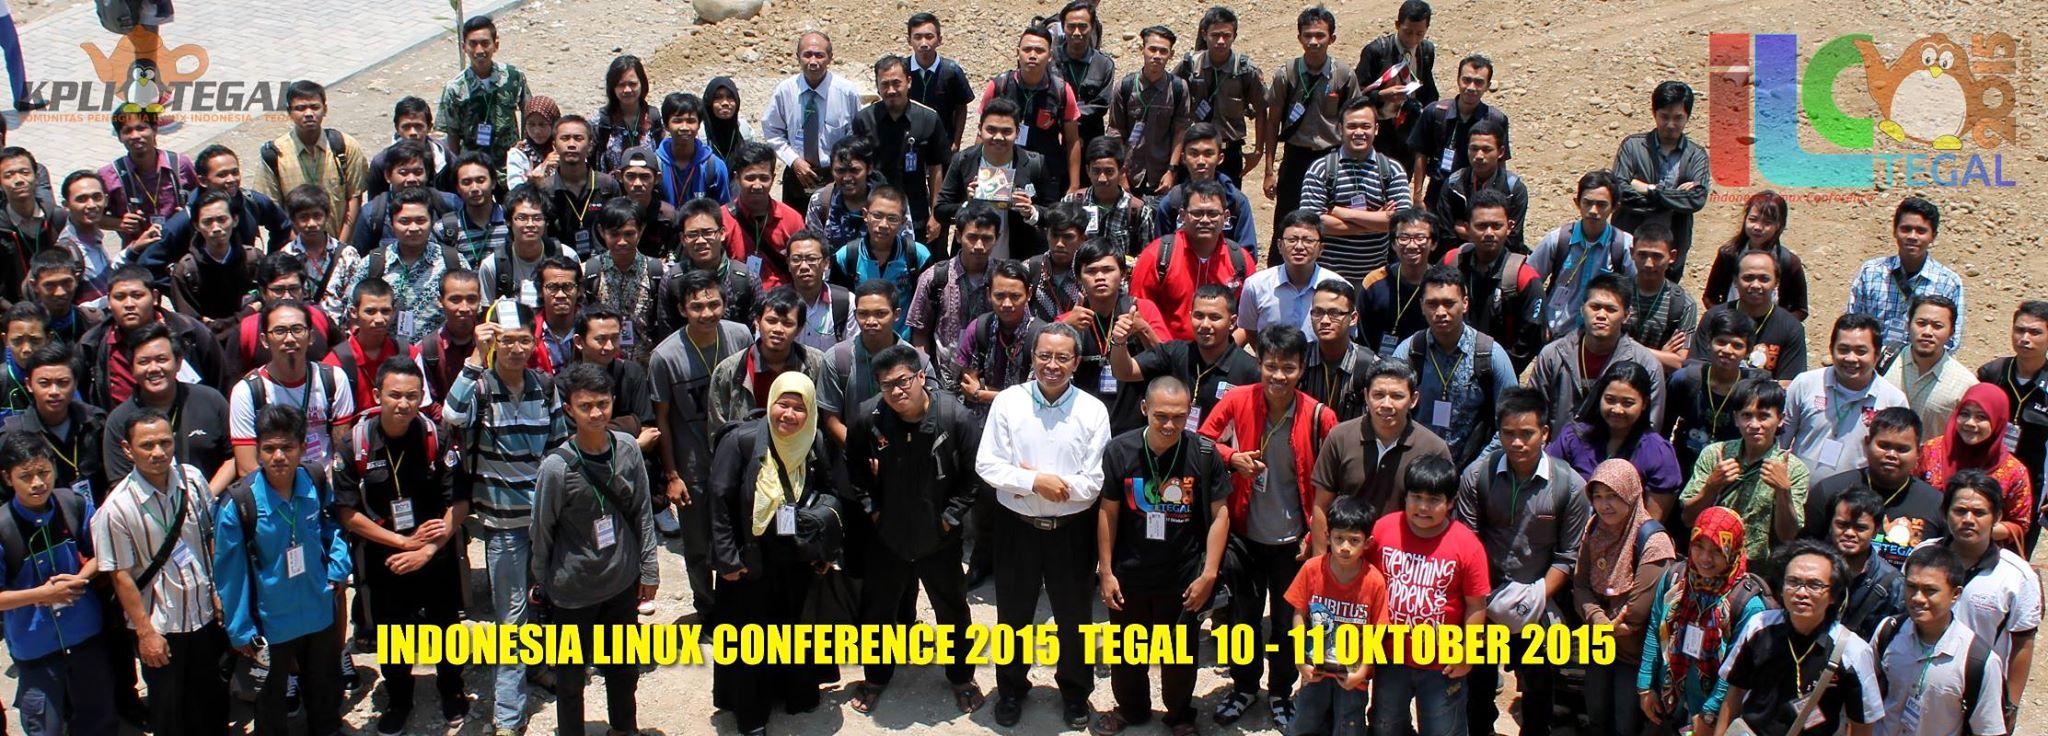 ILC 2015 : Kolaborasi D-IV Teknik Informatika dan KPLI Tegal